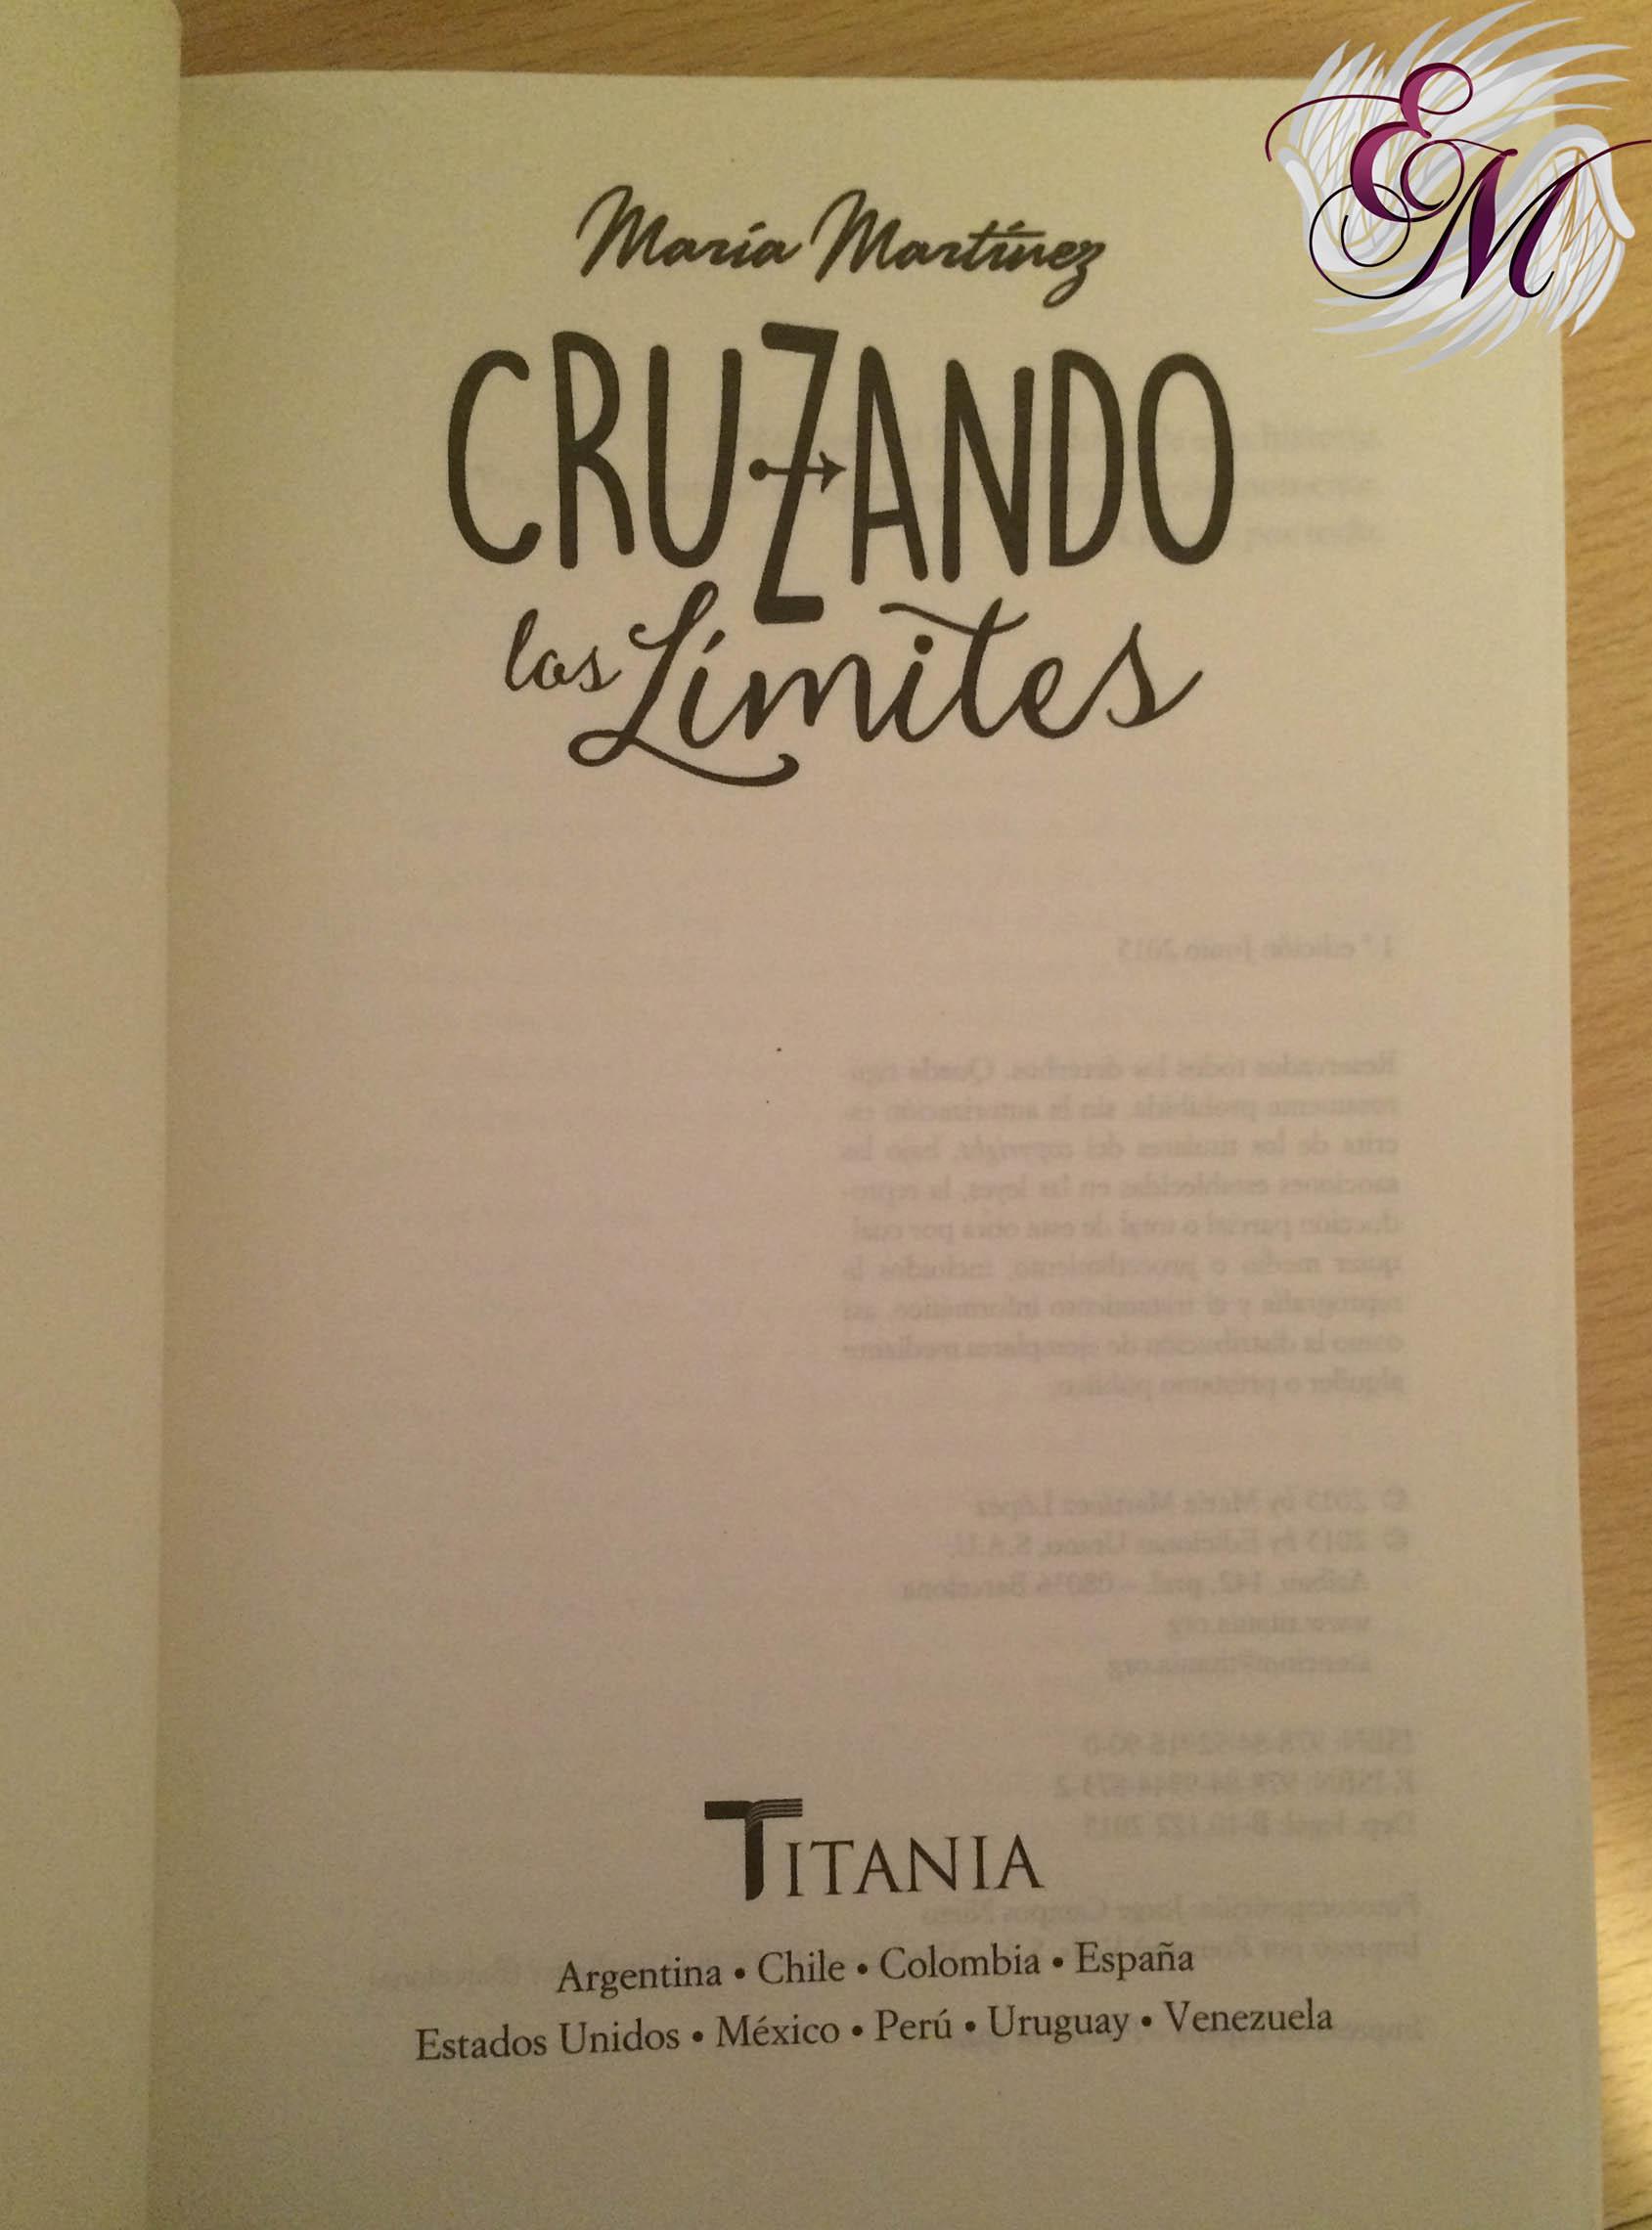 Cruzando los límites, de María Martínez - Reseña